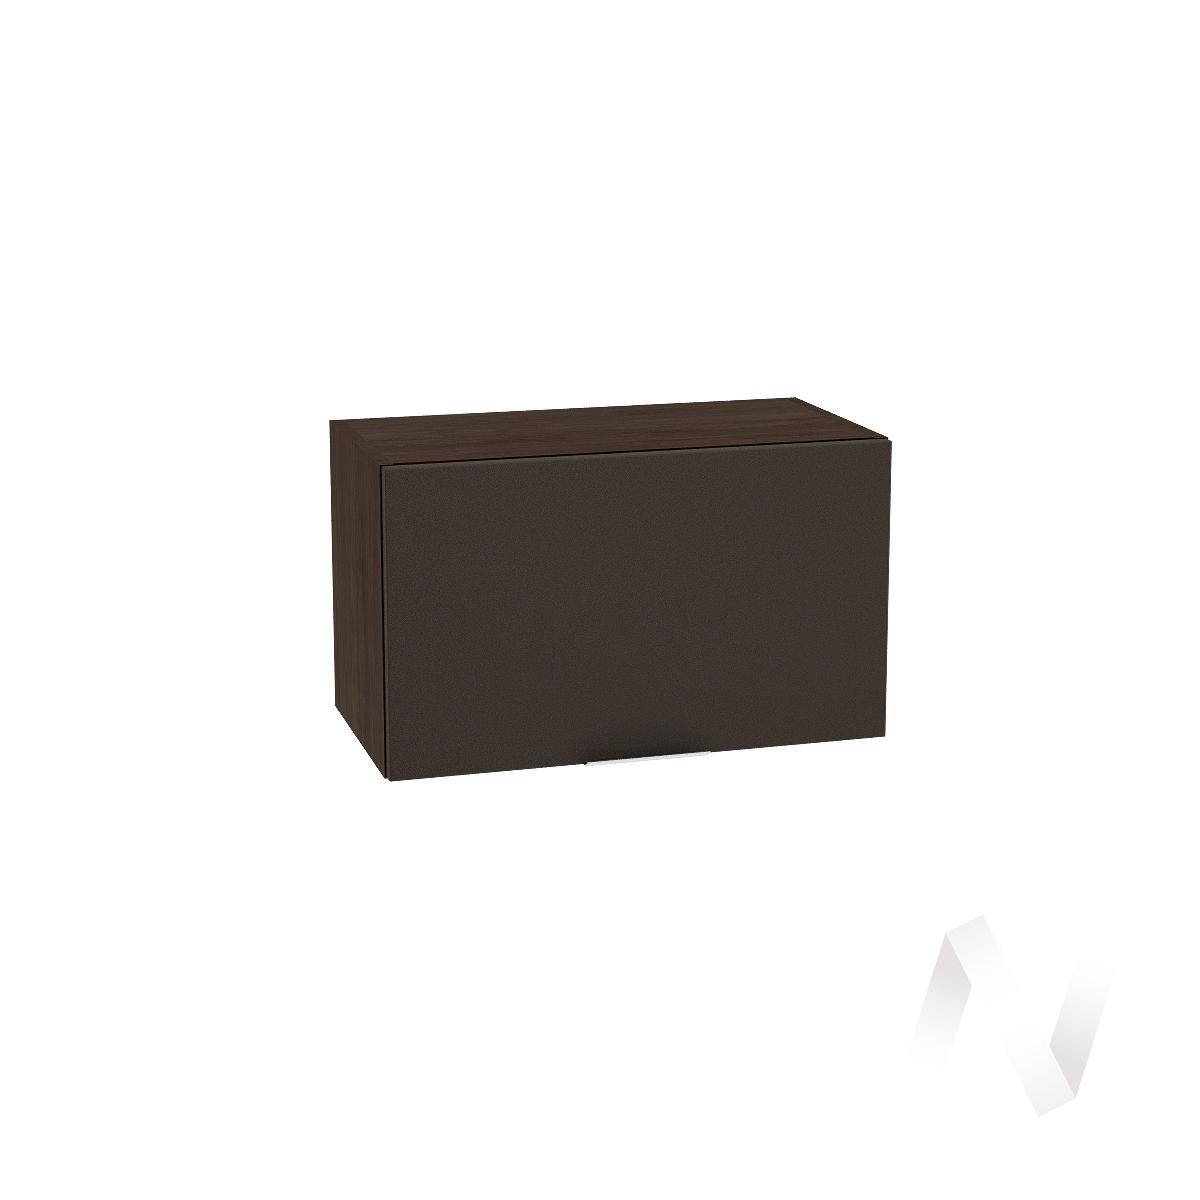 """Кухня """"Терра"""": Шкаф верхний горизонтальный 600, ШВГ 600 (смоки софт/корпус венге)"""